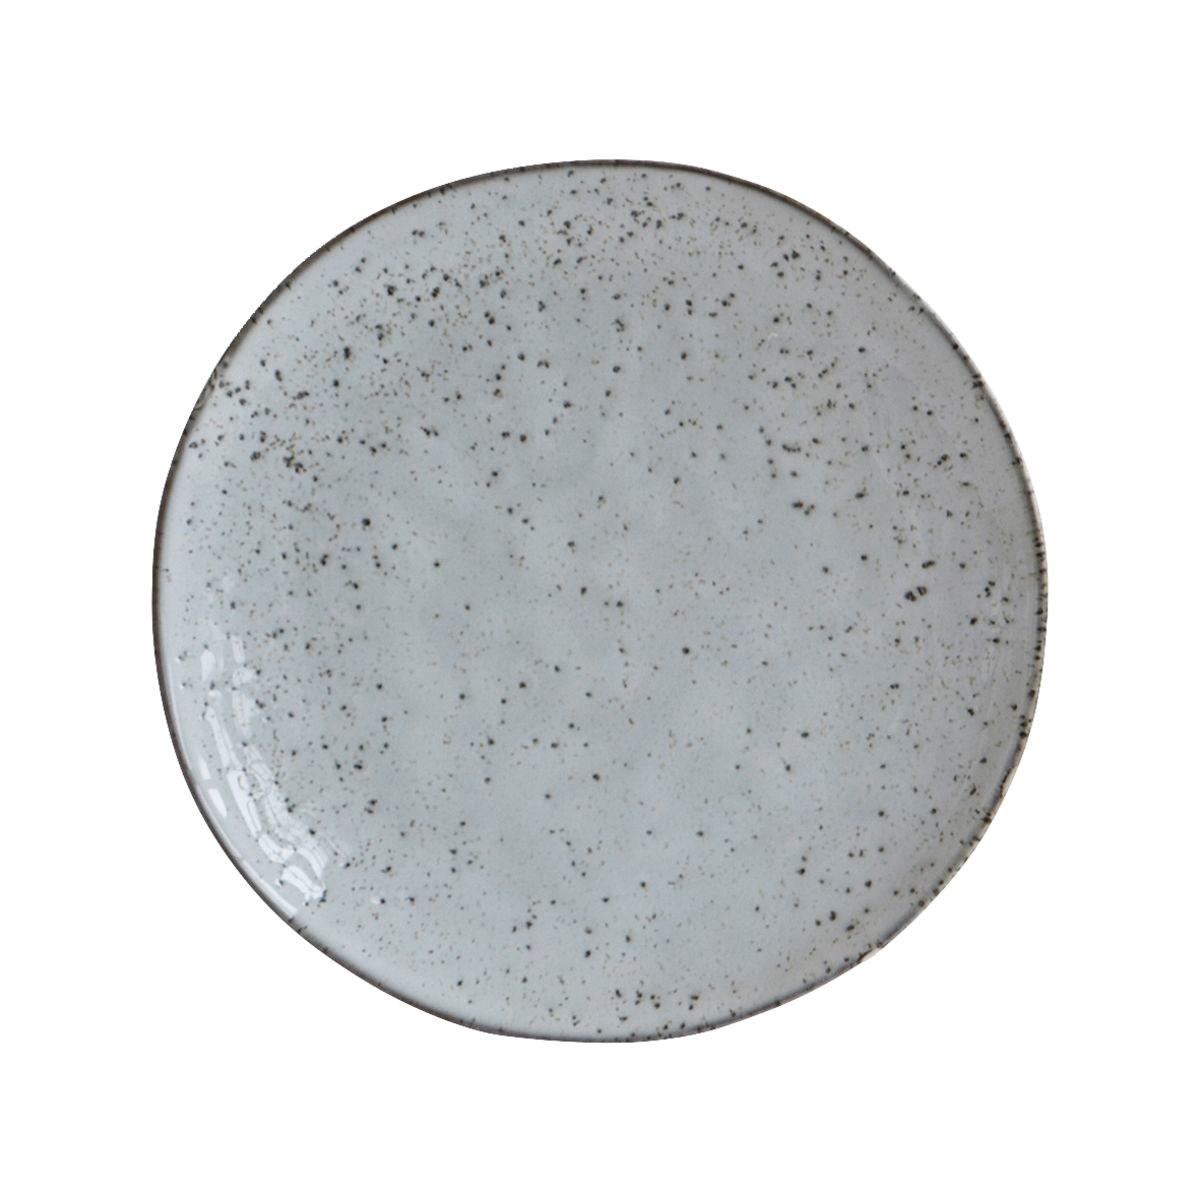 Dezertní talíř RUSTIC 20,5 cm šedo modrý_3